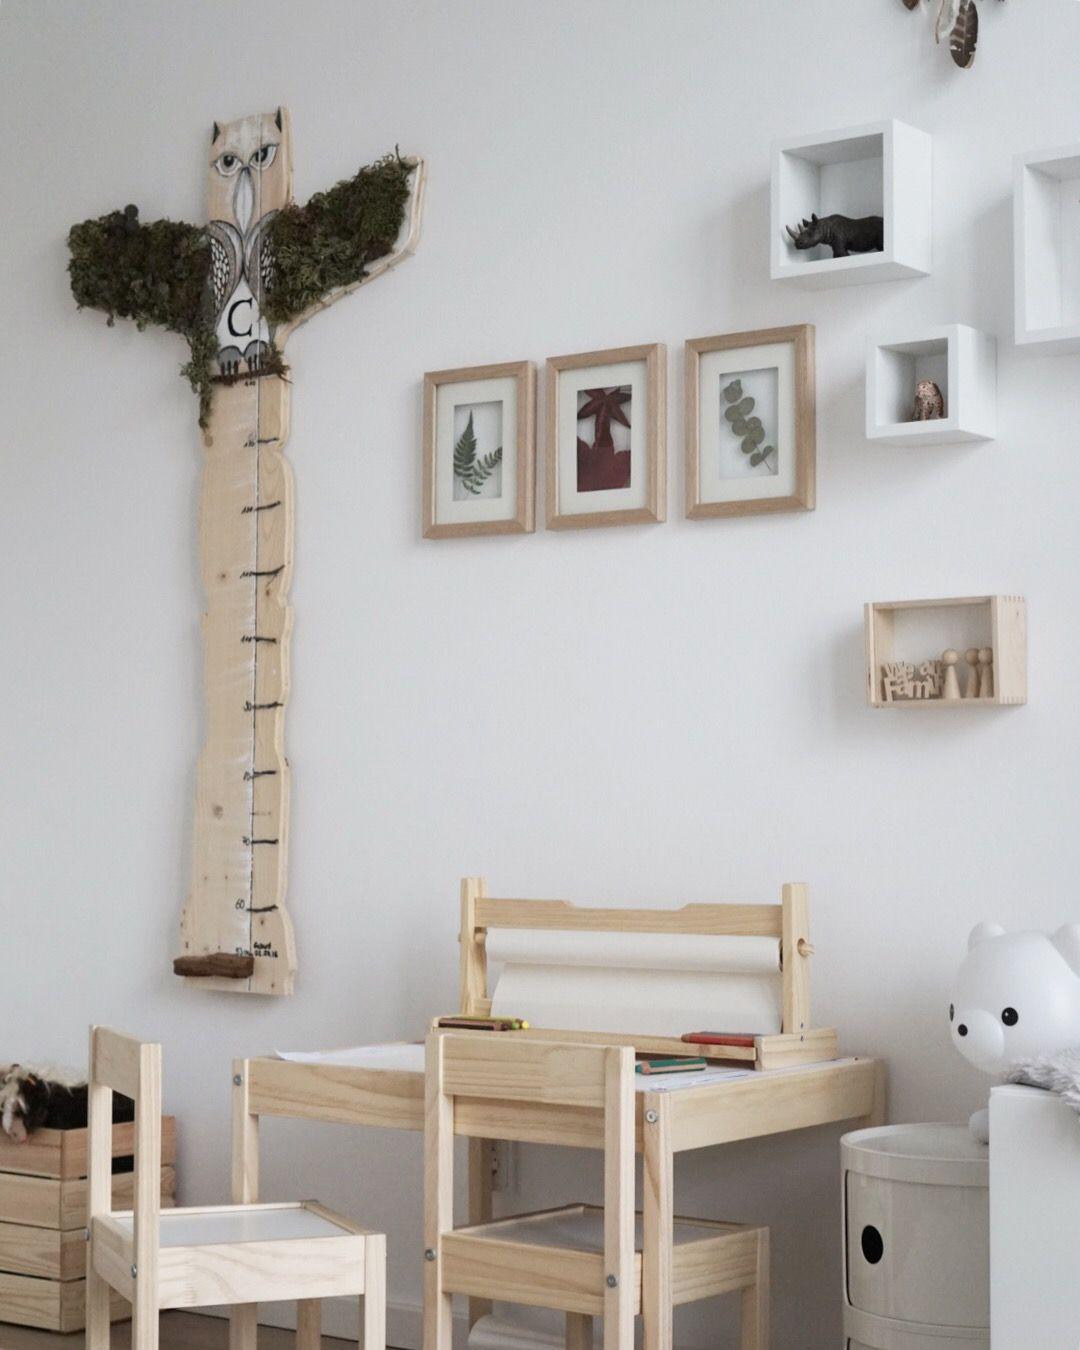 Inspirierend Babyzimmer Wanddeko Ideen Von Kinderzimmer Malen Malplatz Ikea Holz Natur Mädchenzimmer